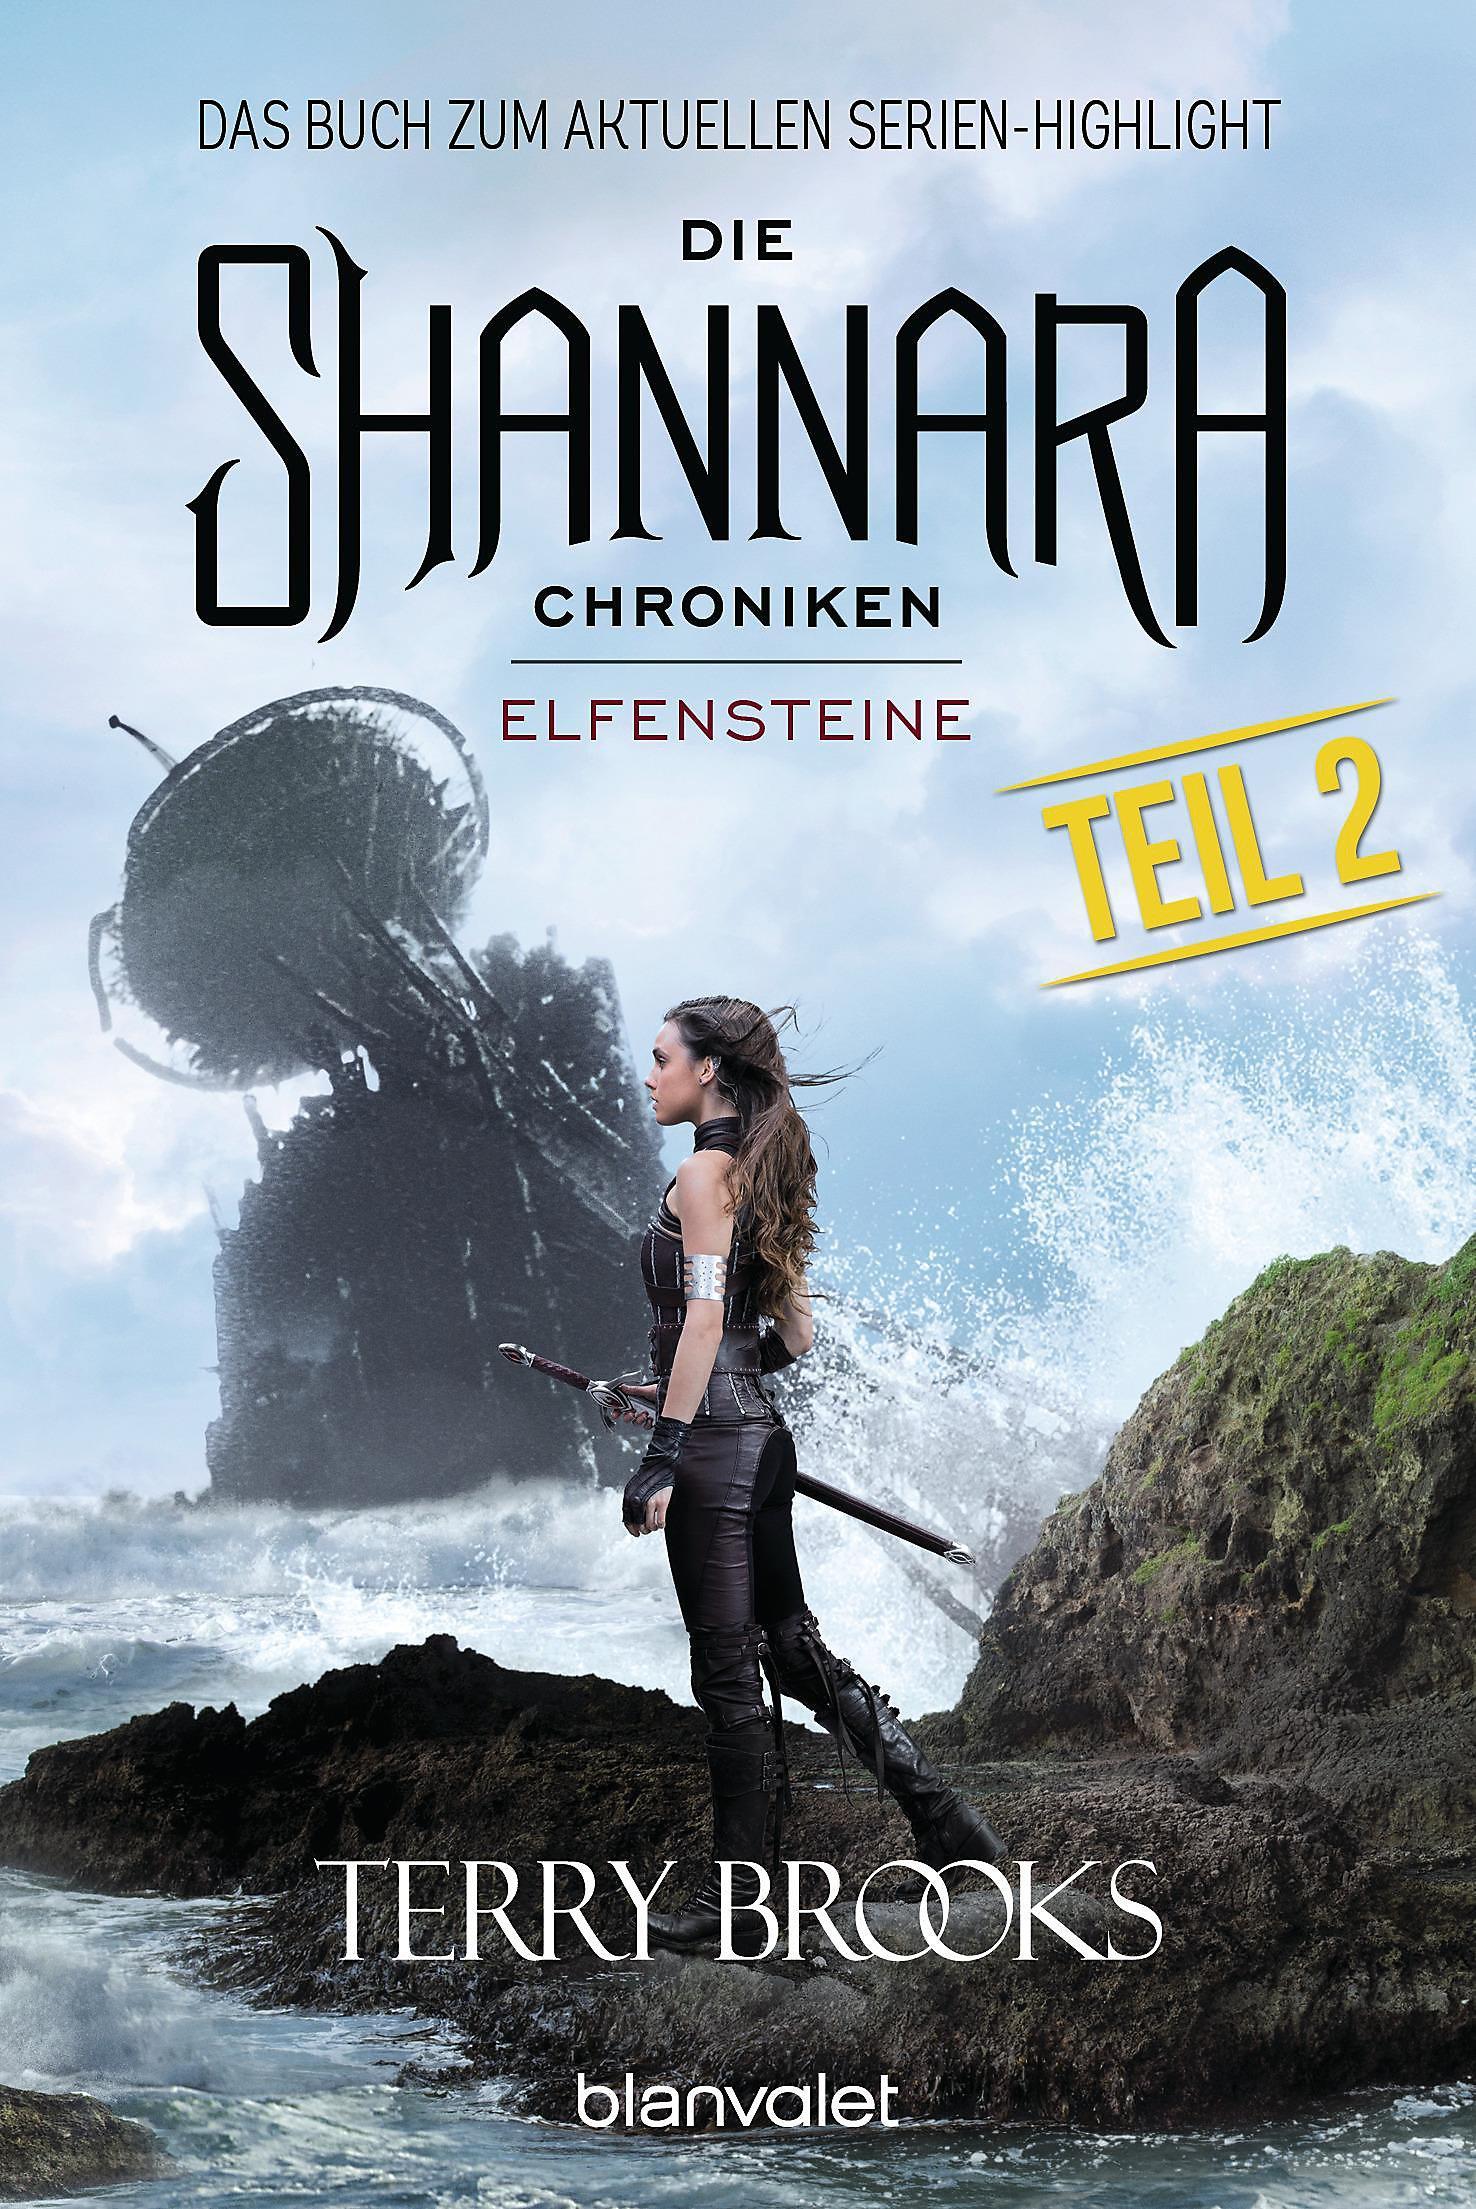 Shannara Chroniken Staffel 2